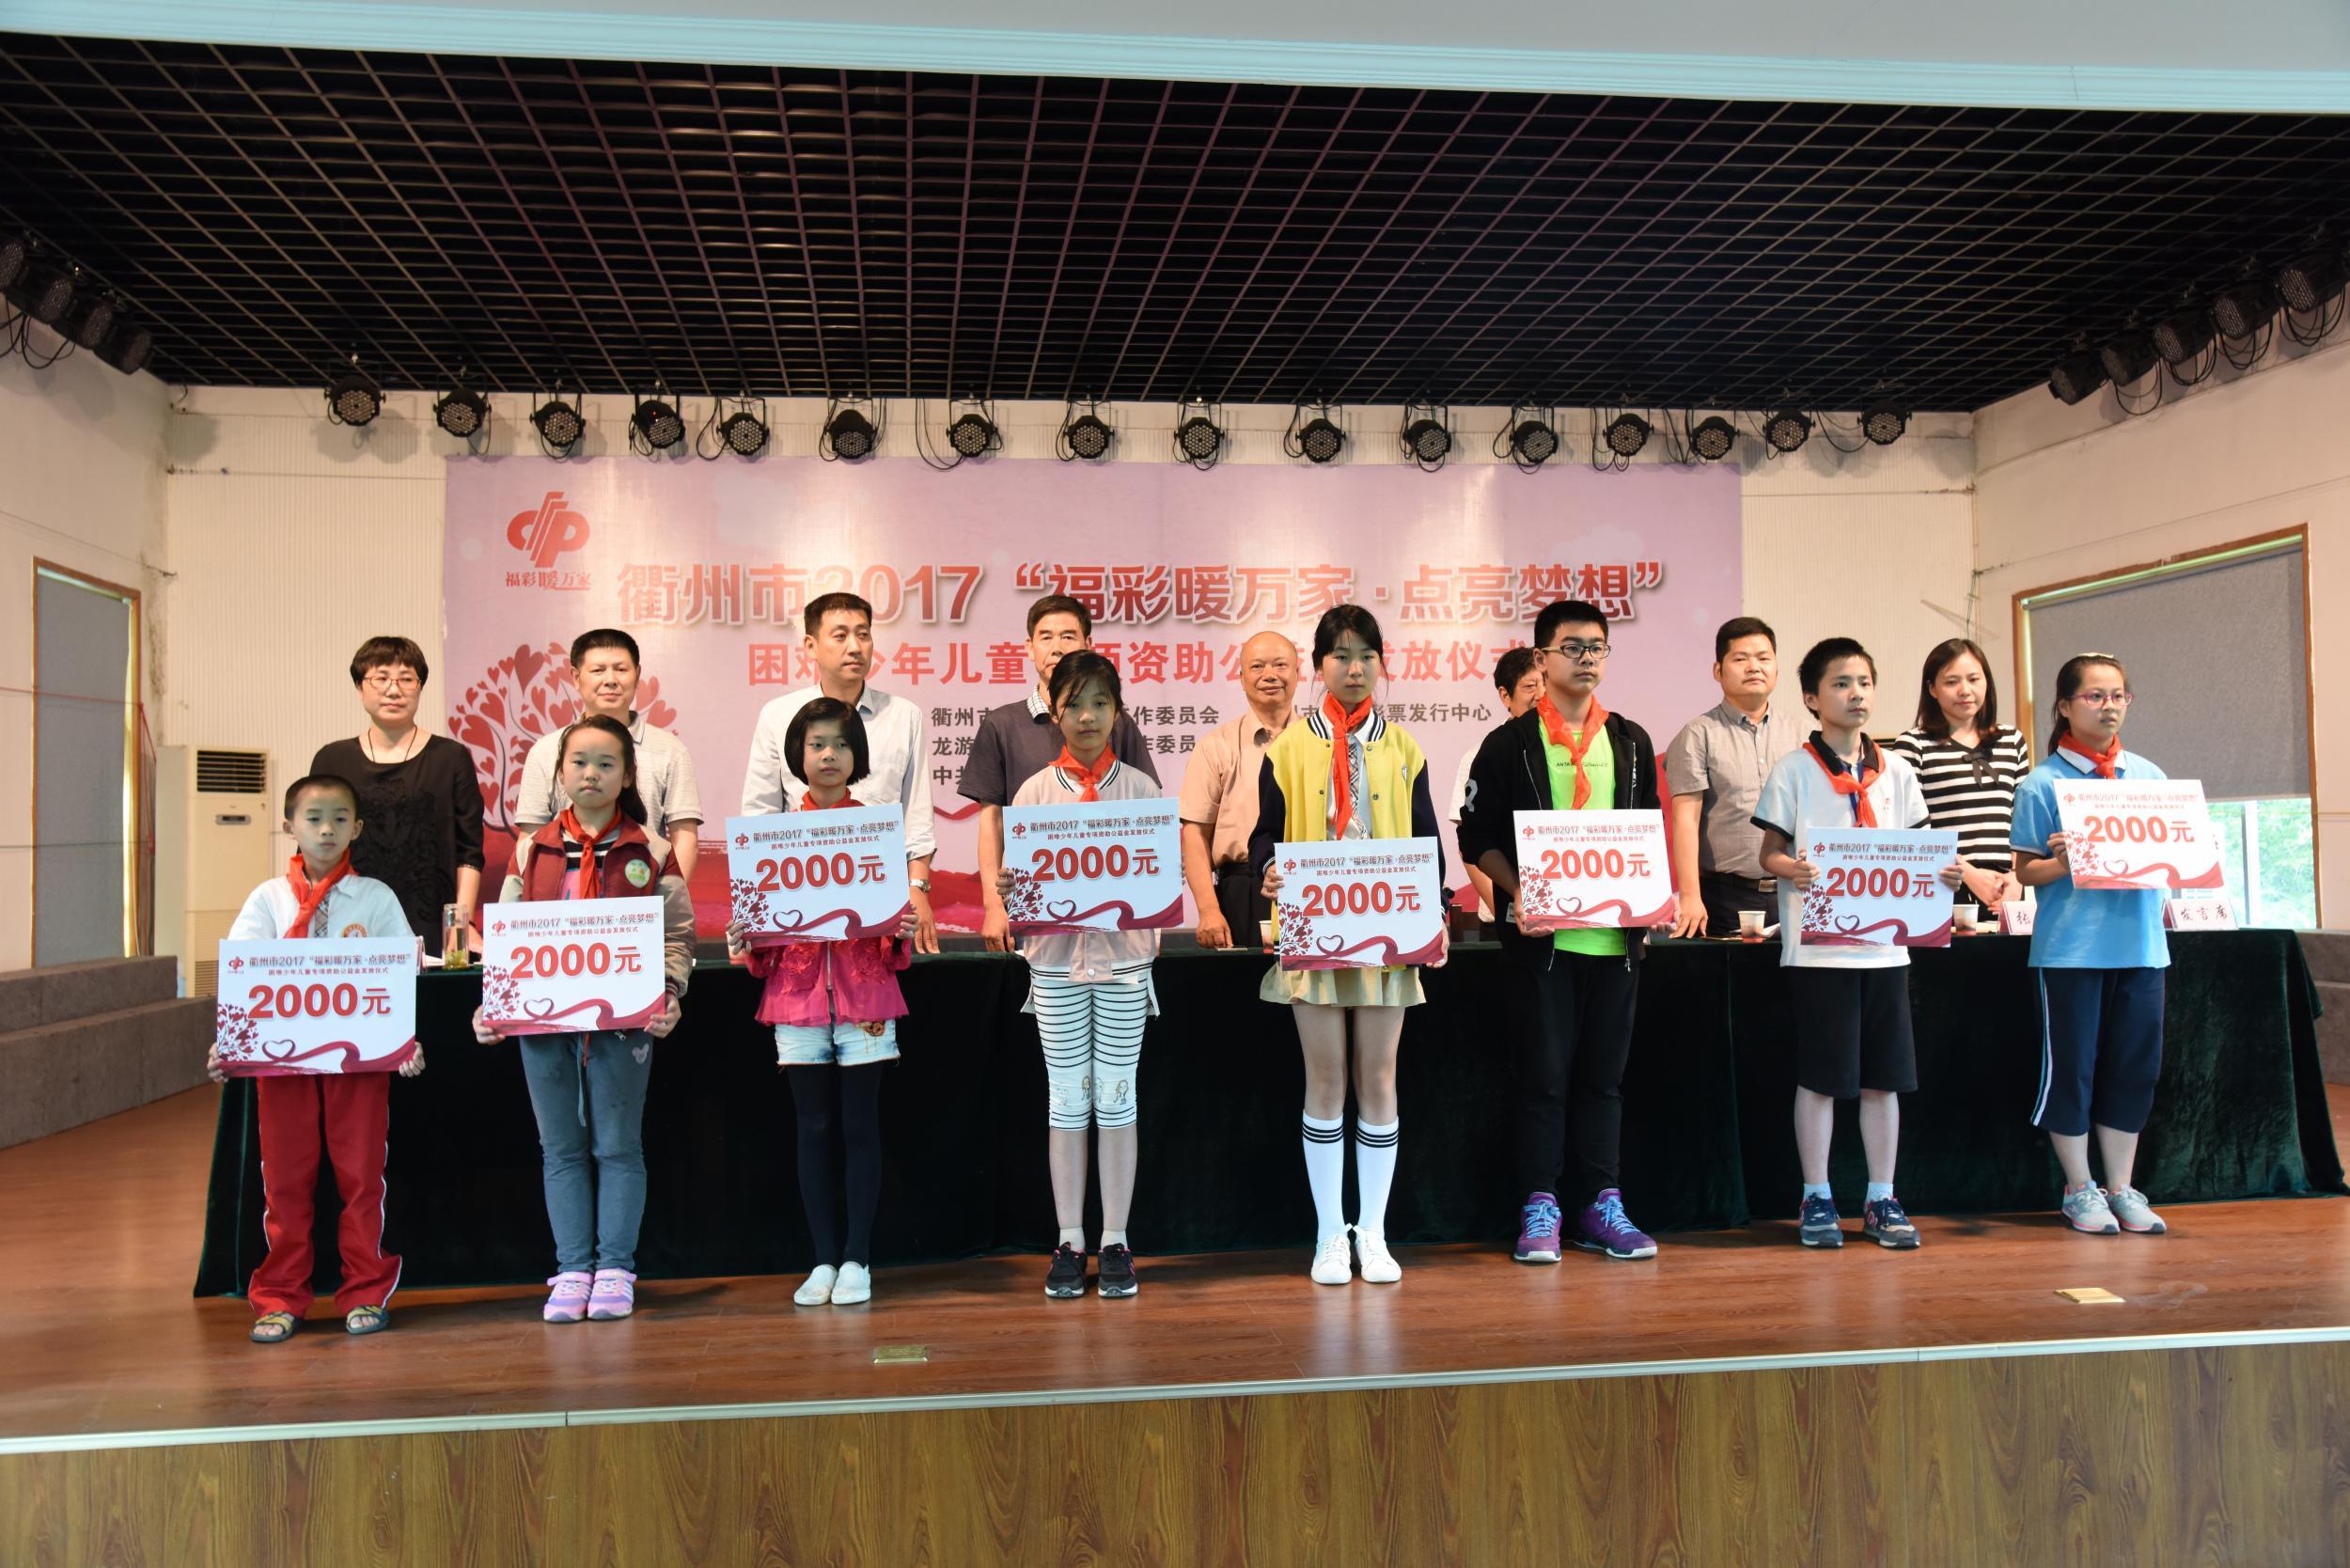 福彩暖万家 点亮梦想 衢州市200名困难少年儿童受资助